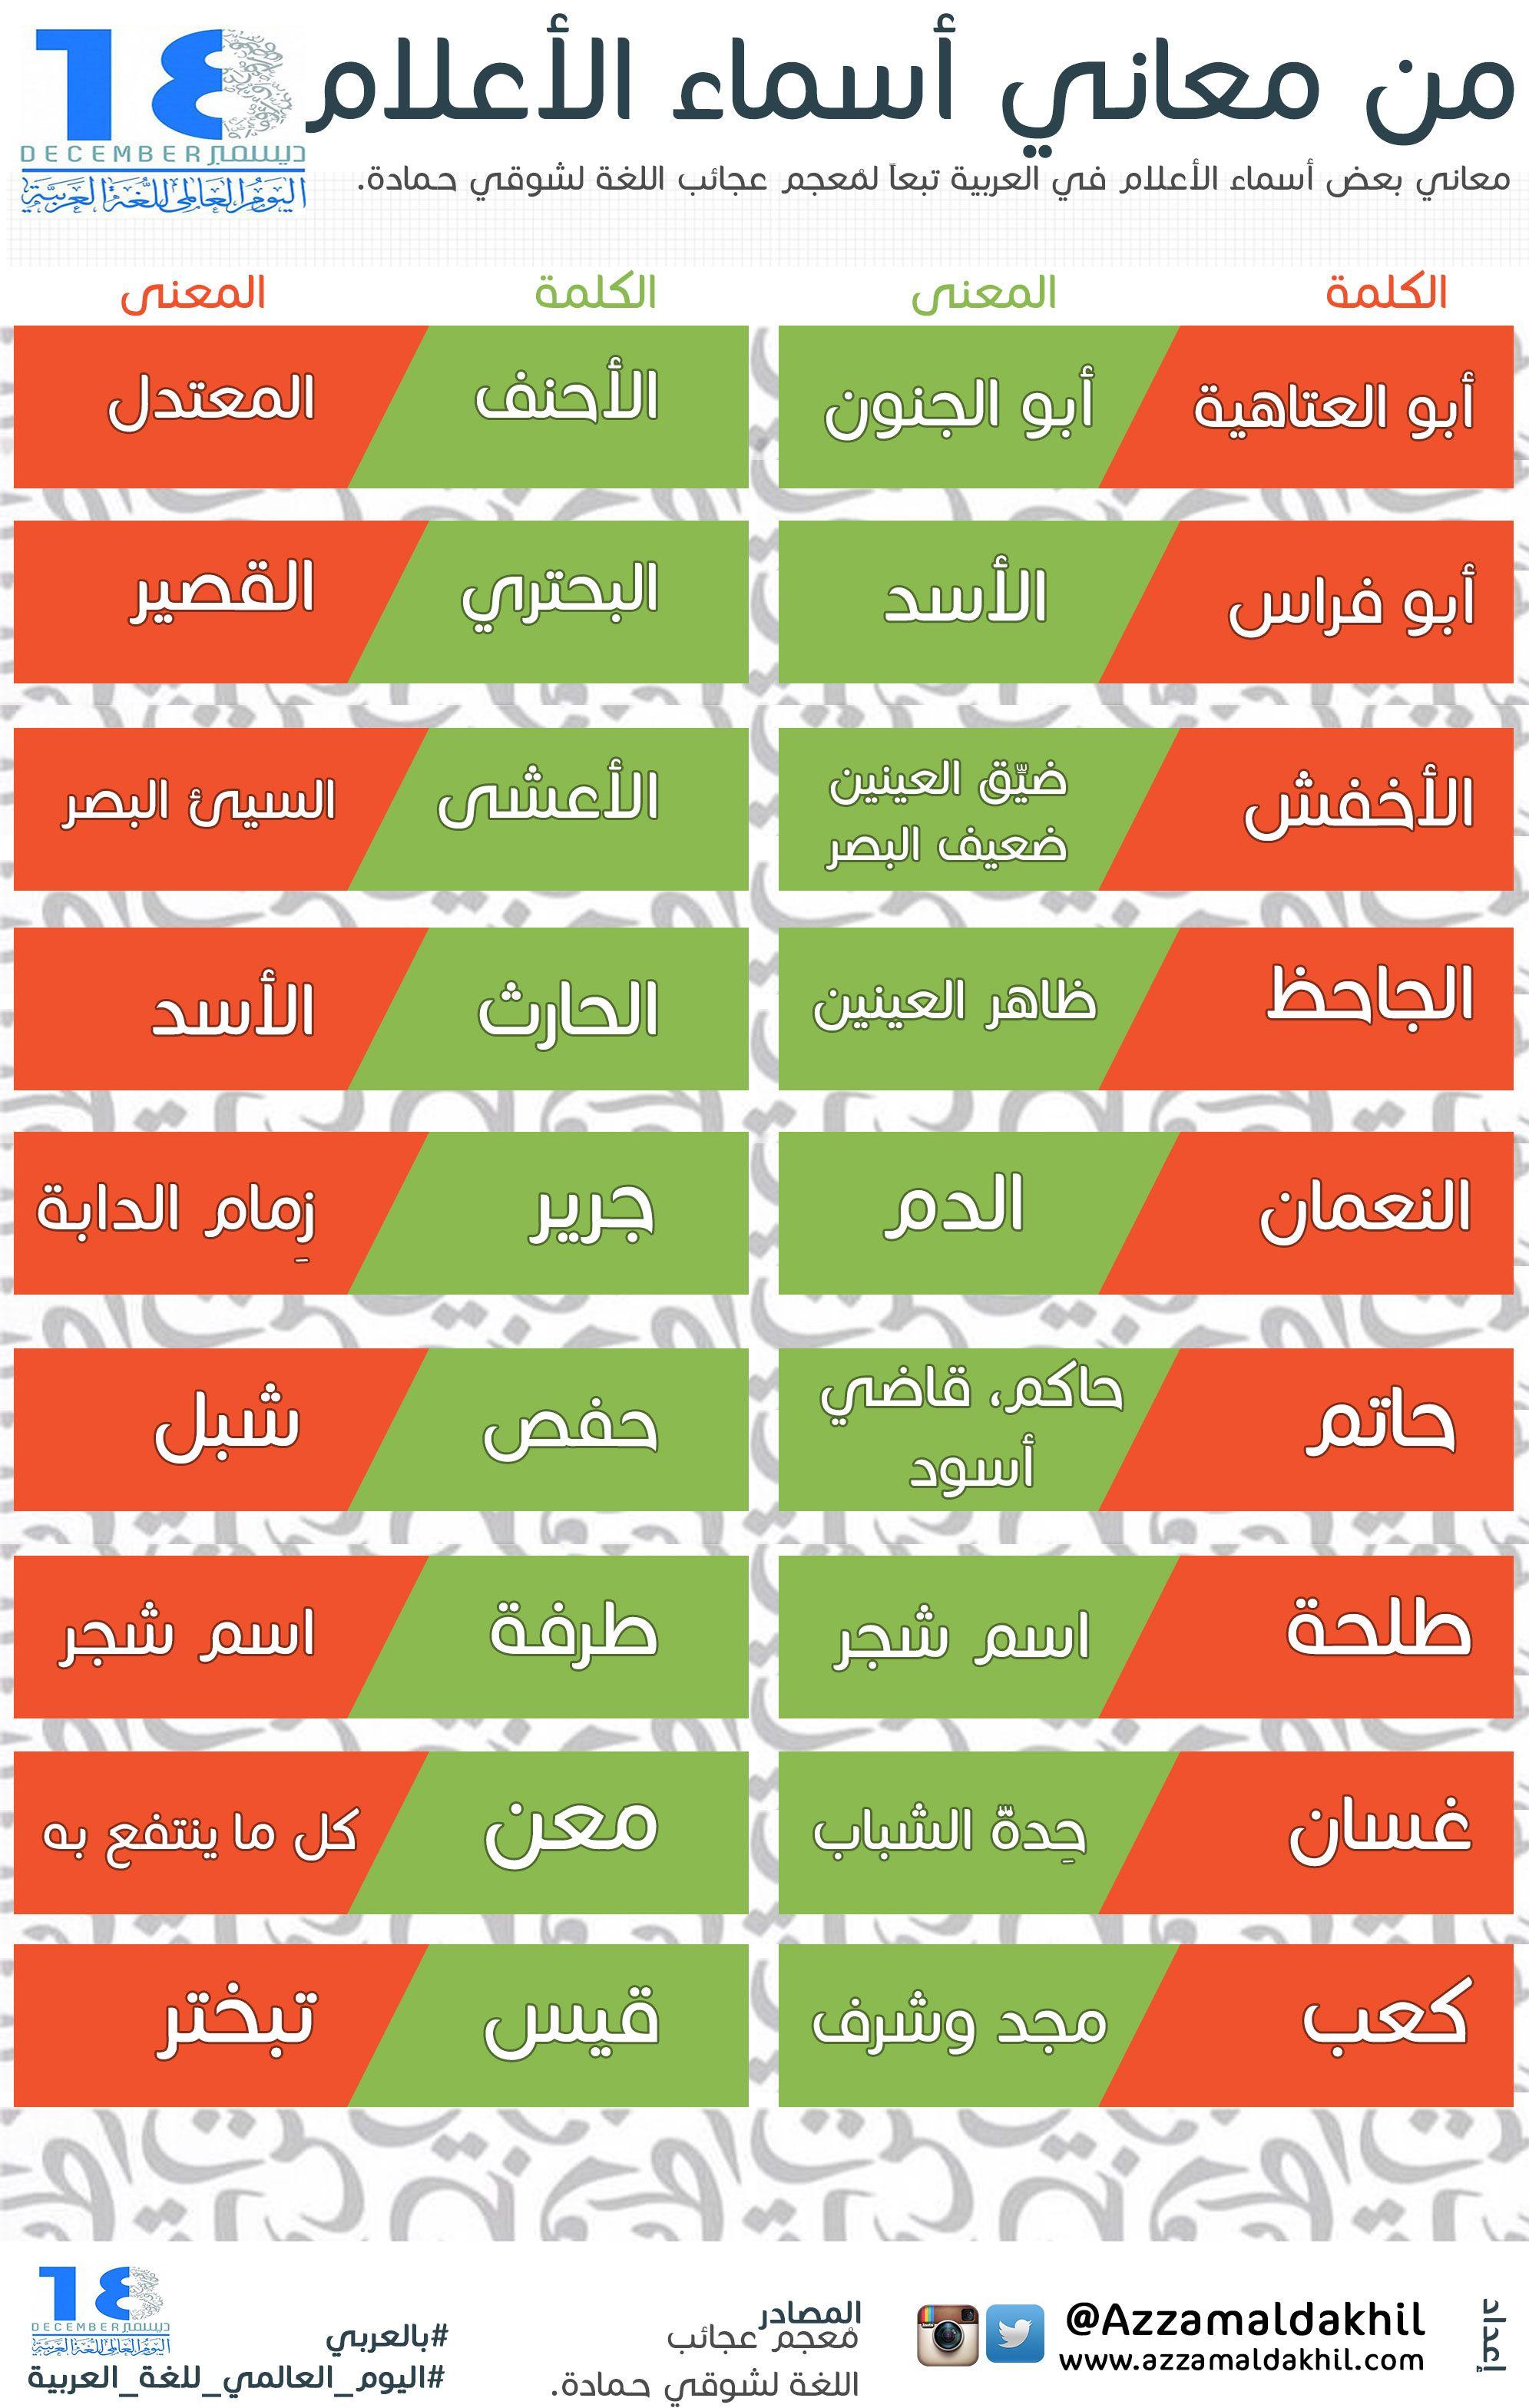 من معاني الأسماء في اللغة العربية Arabic Language Learn Arabic Language Learning Arabic